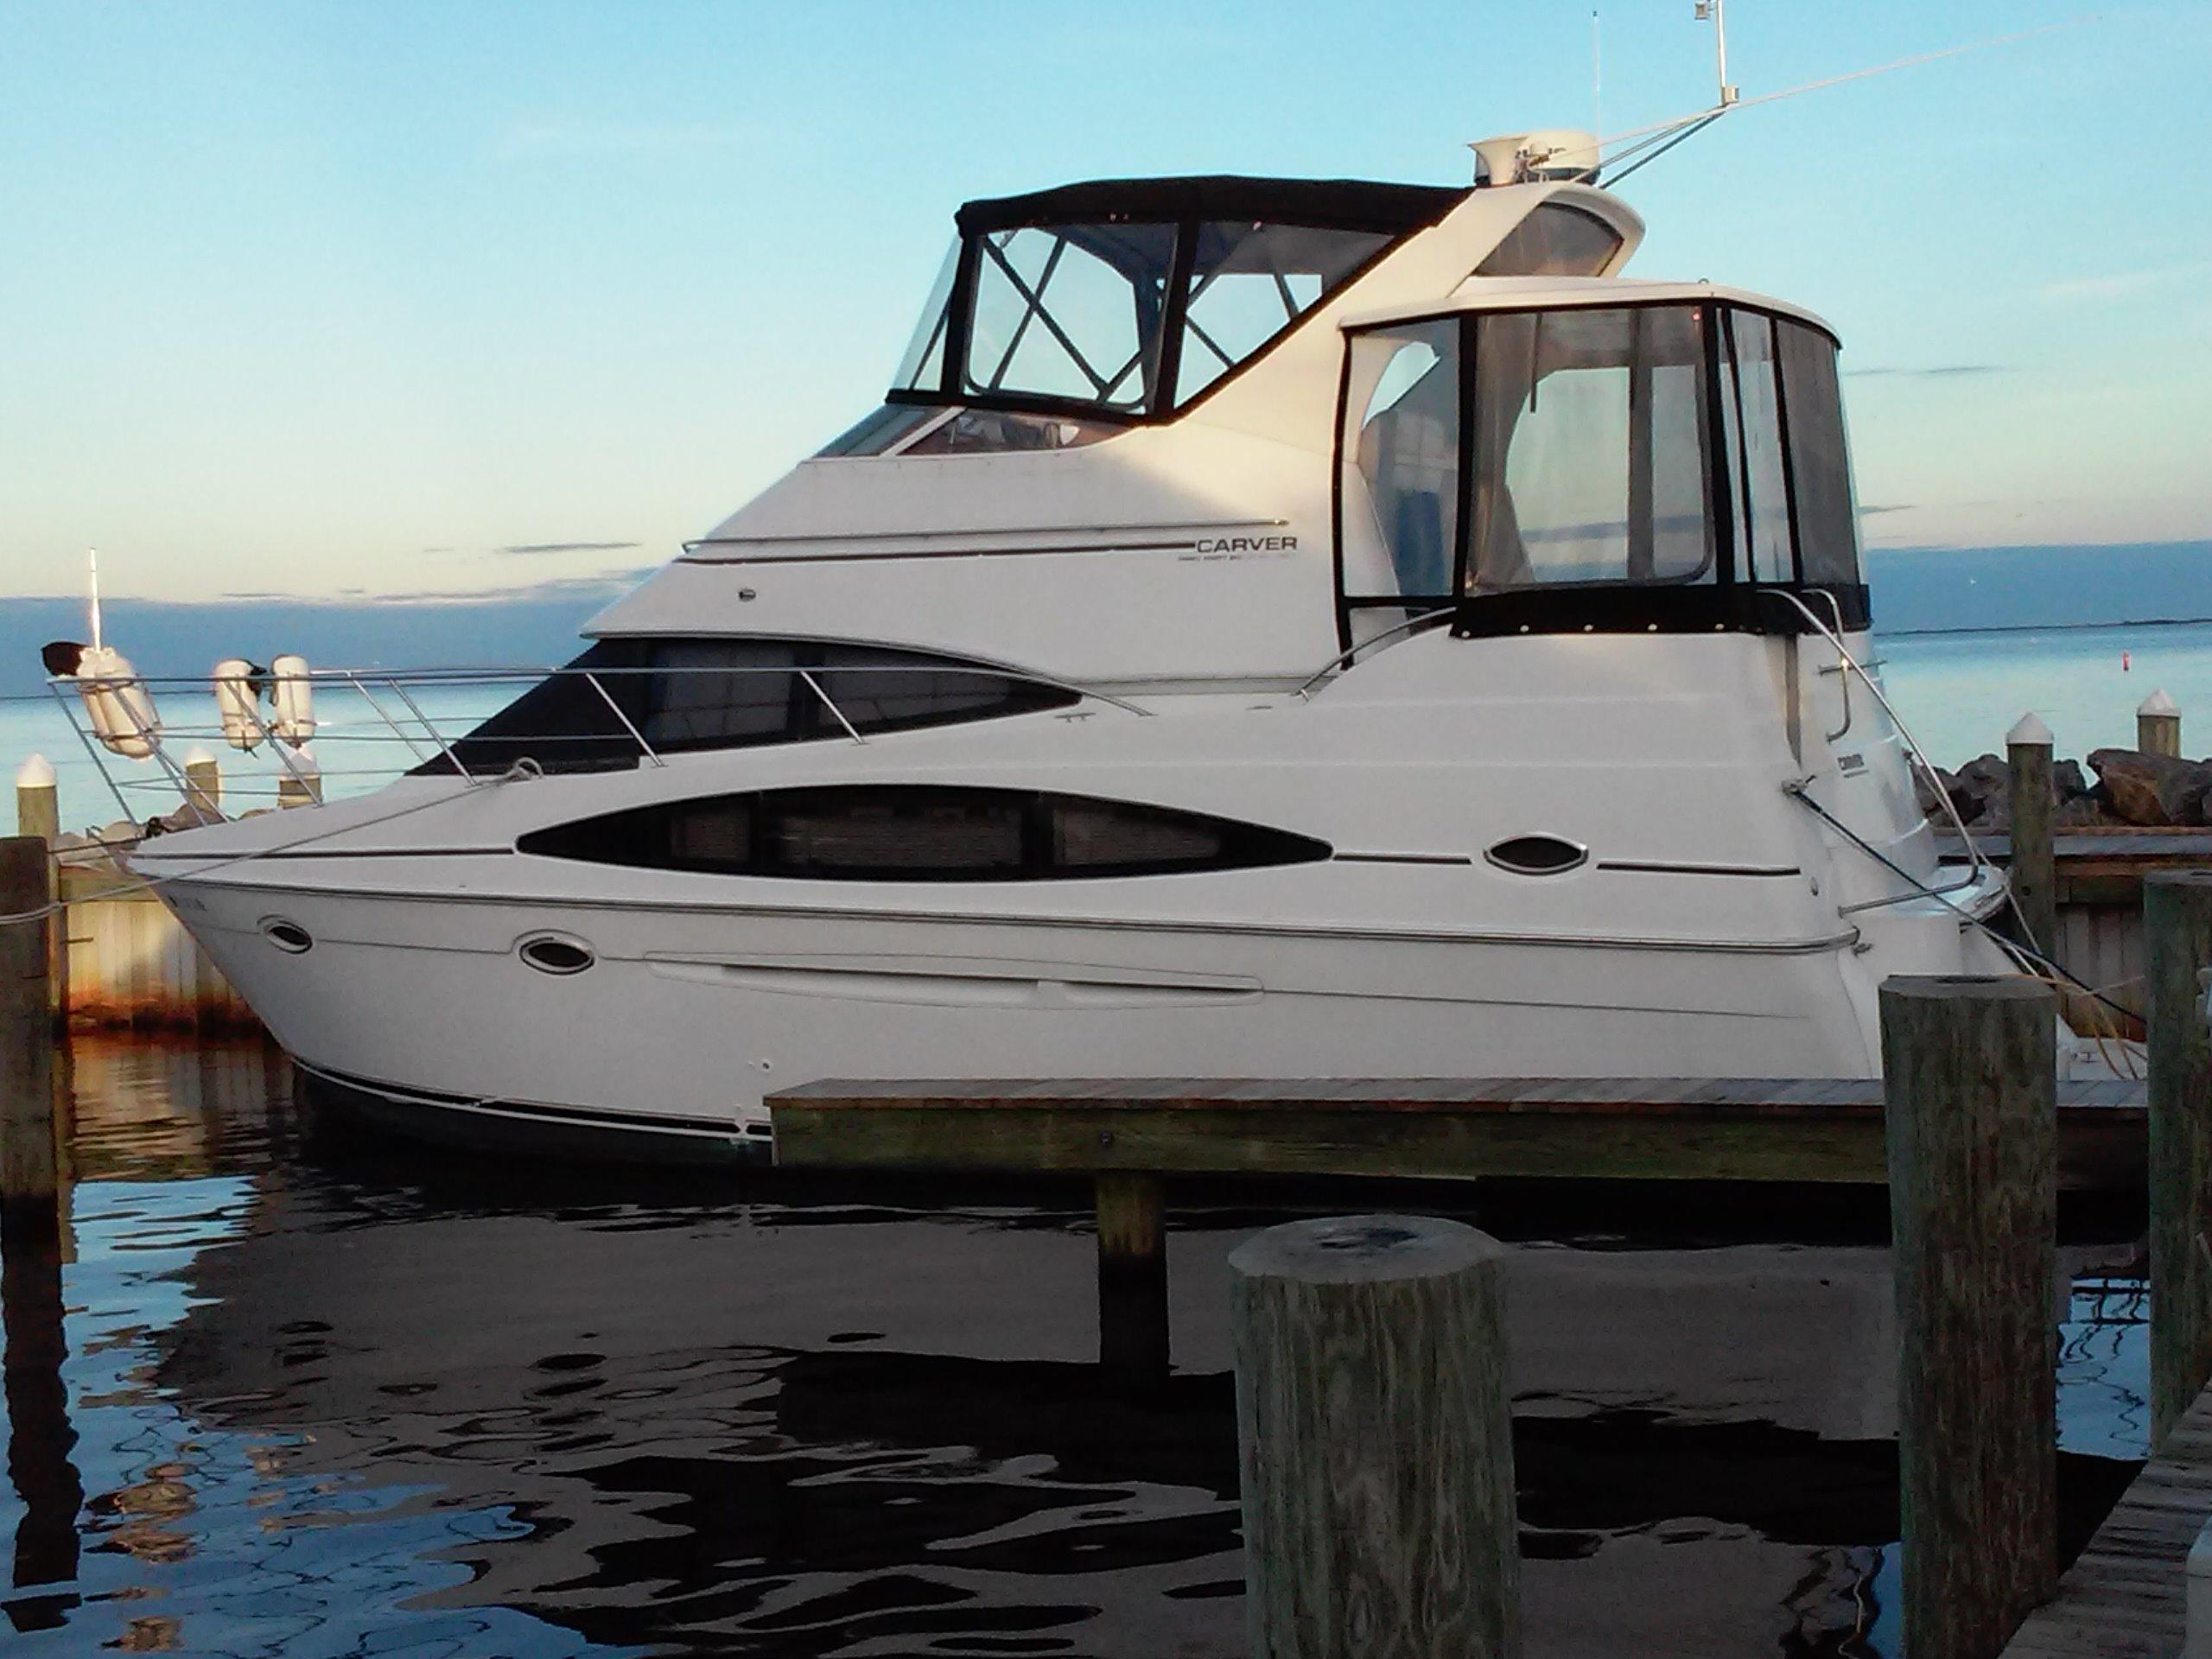 Carver 346 Aft Cabin Motor Yacht